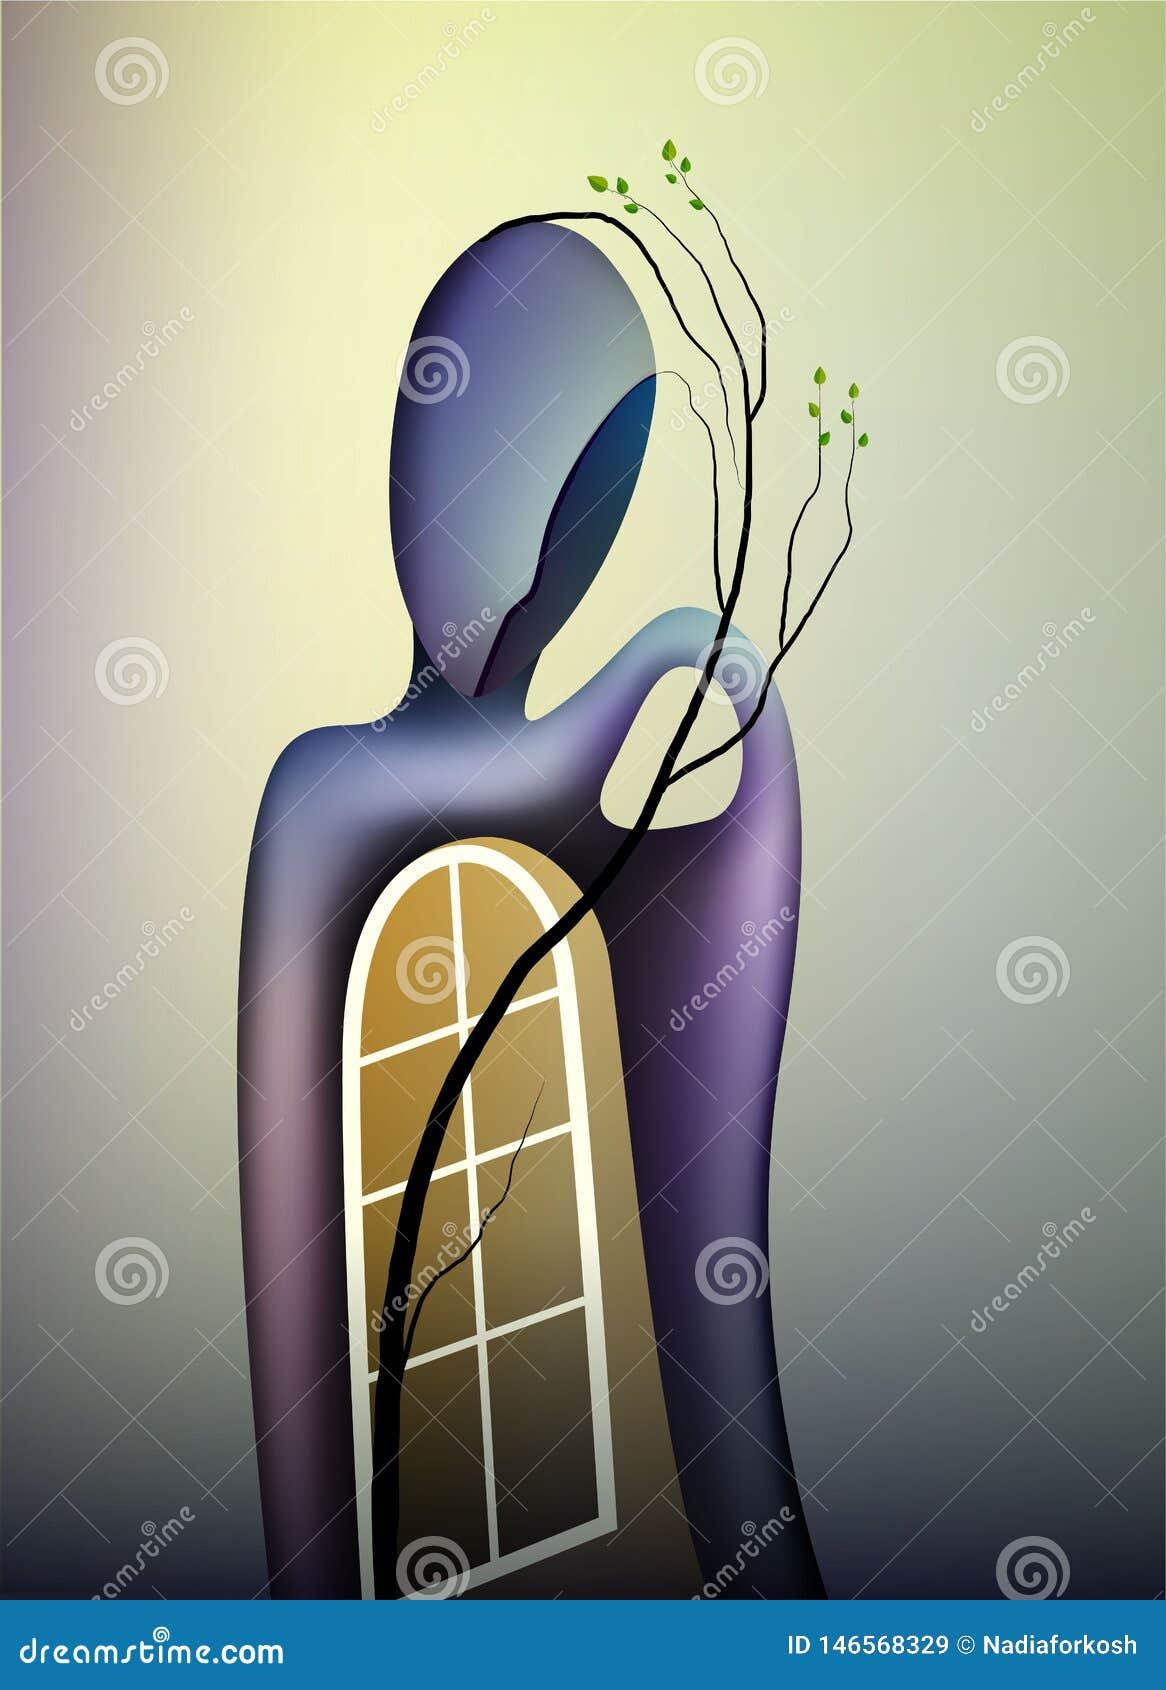 Άνοιξη στην έννοια ψυχής, τη μορφή των μνημών, το άτομο με το ανοικτό παράθυρο και τον κλάδο της ανάπτυξης δέντρων μέσα, σύγχρονο